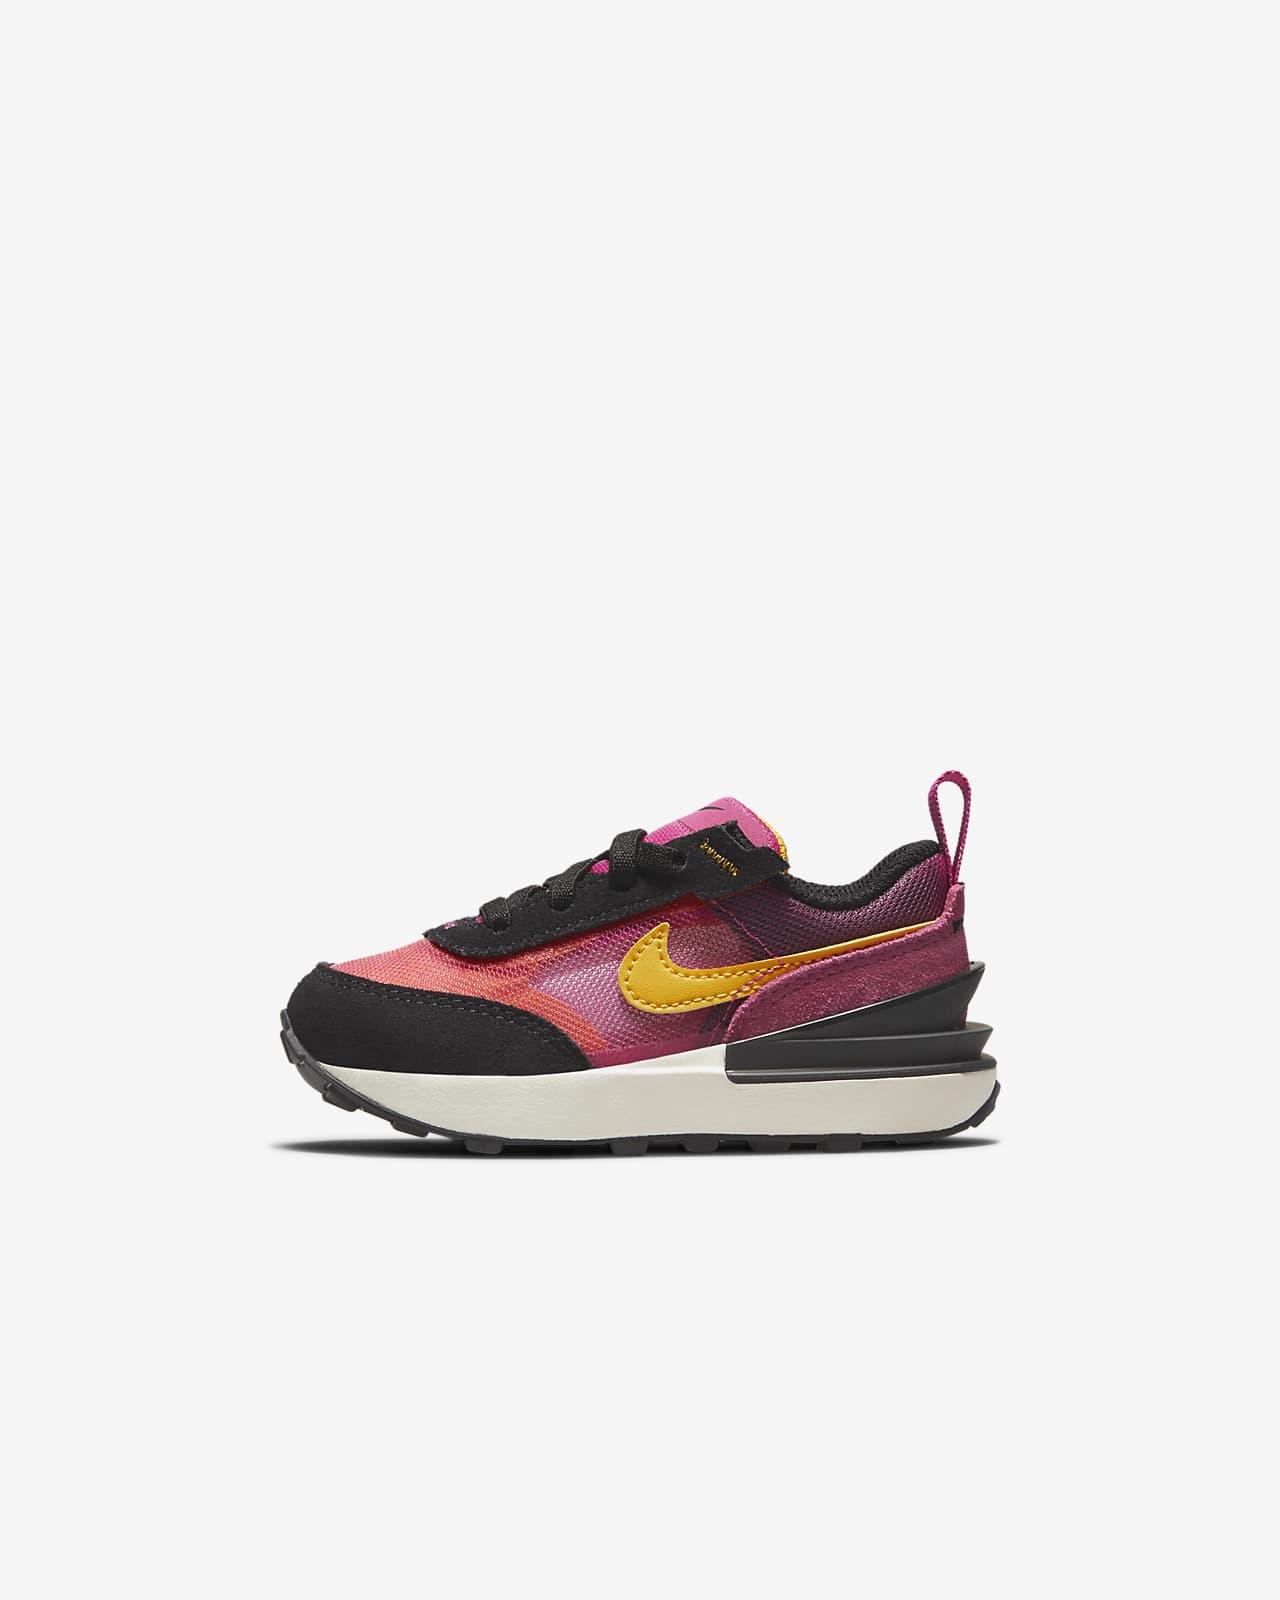 Nike Waffle One Baby/Toddler Shoe